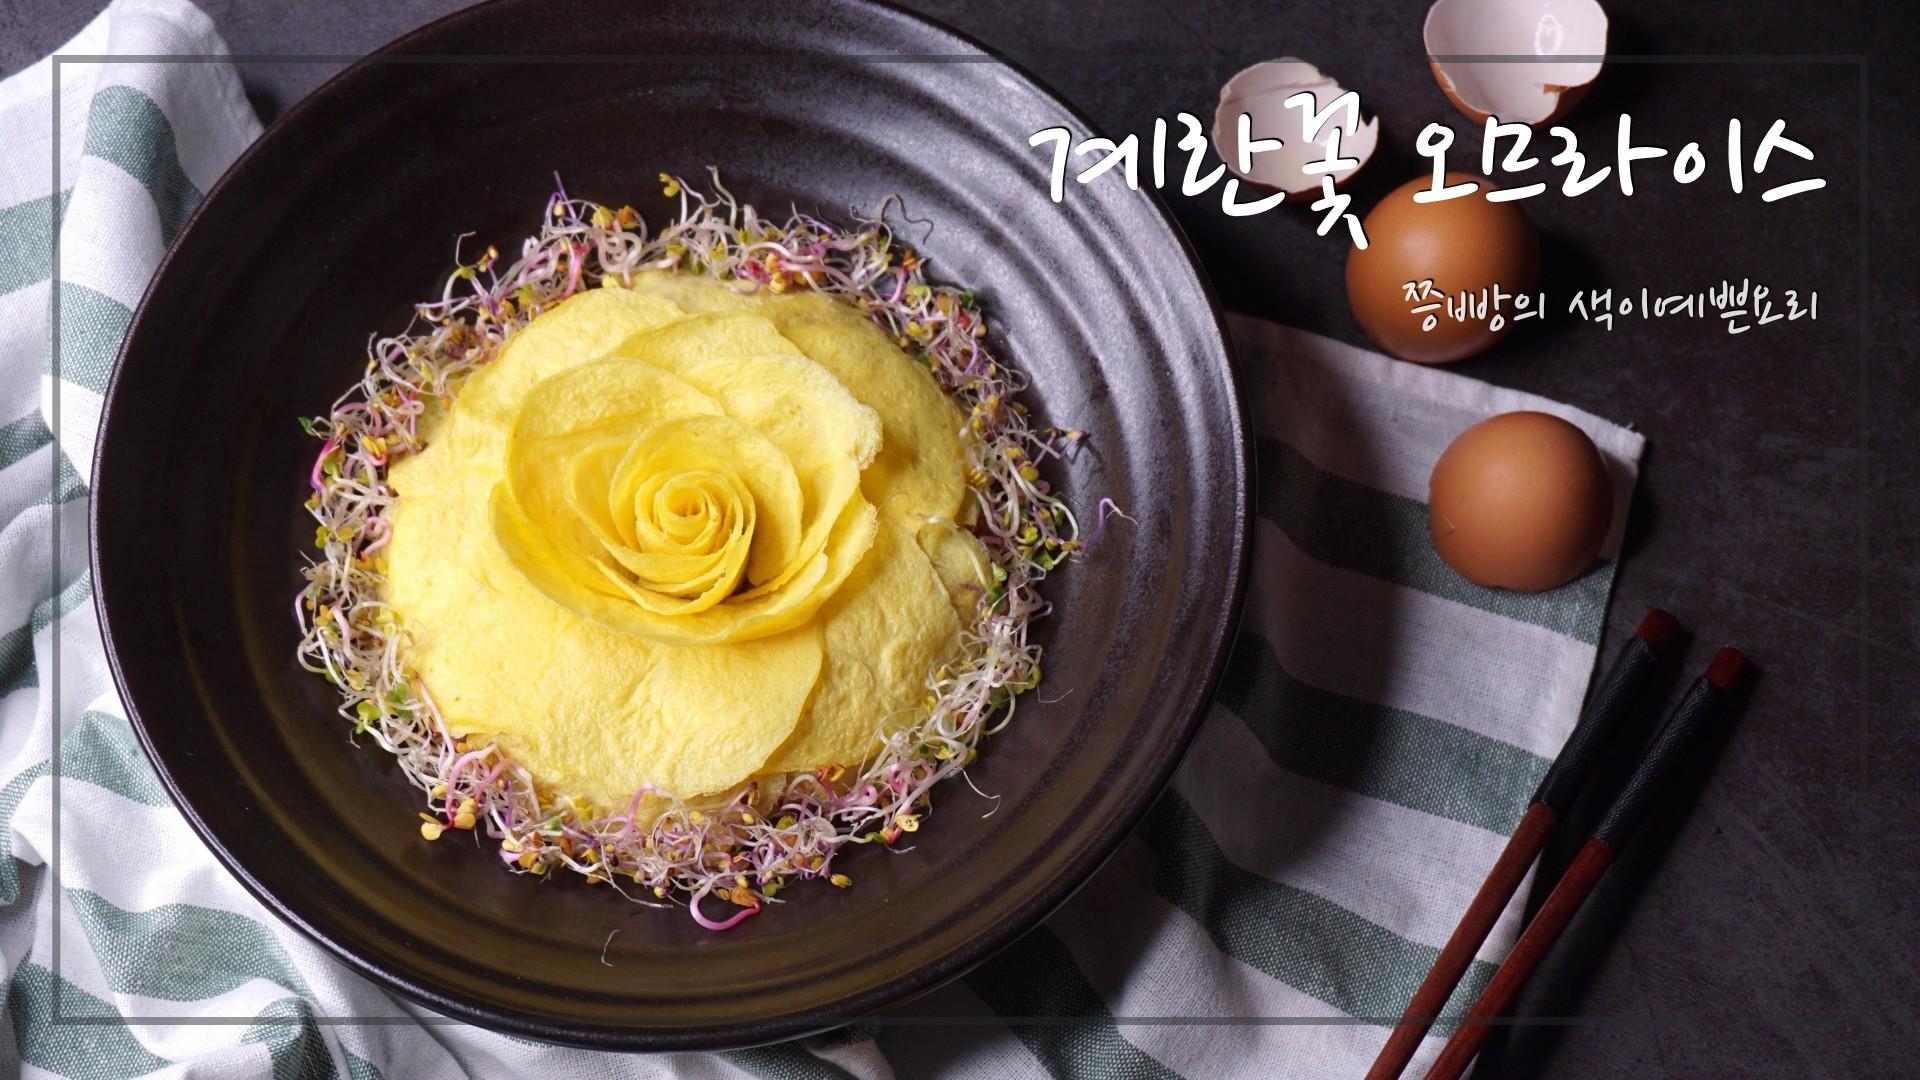 꽃보다 예쁜 계란꽃 오므라이스 만드는 법, 강식당 오므라이스보다 예쁘고 맛있다!